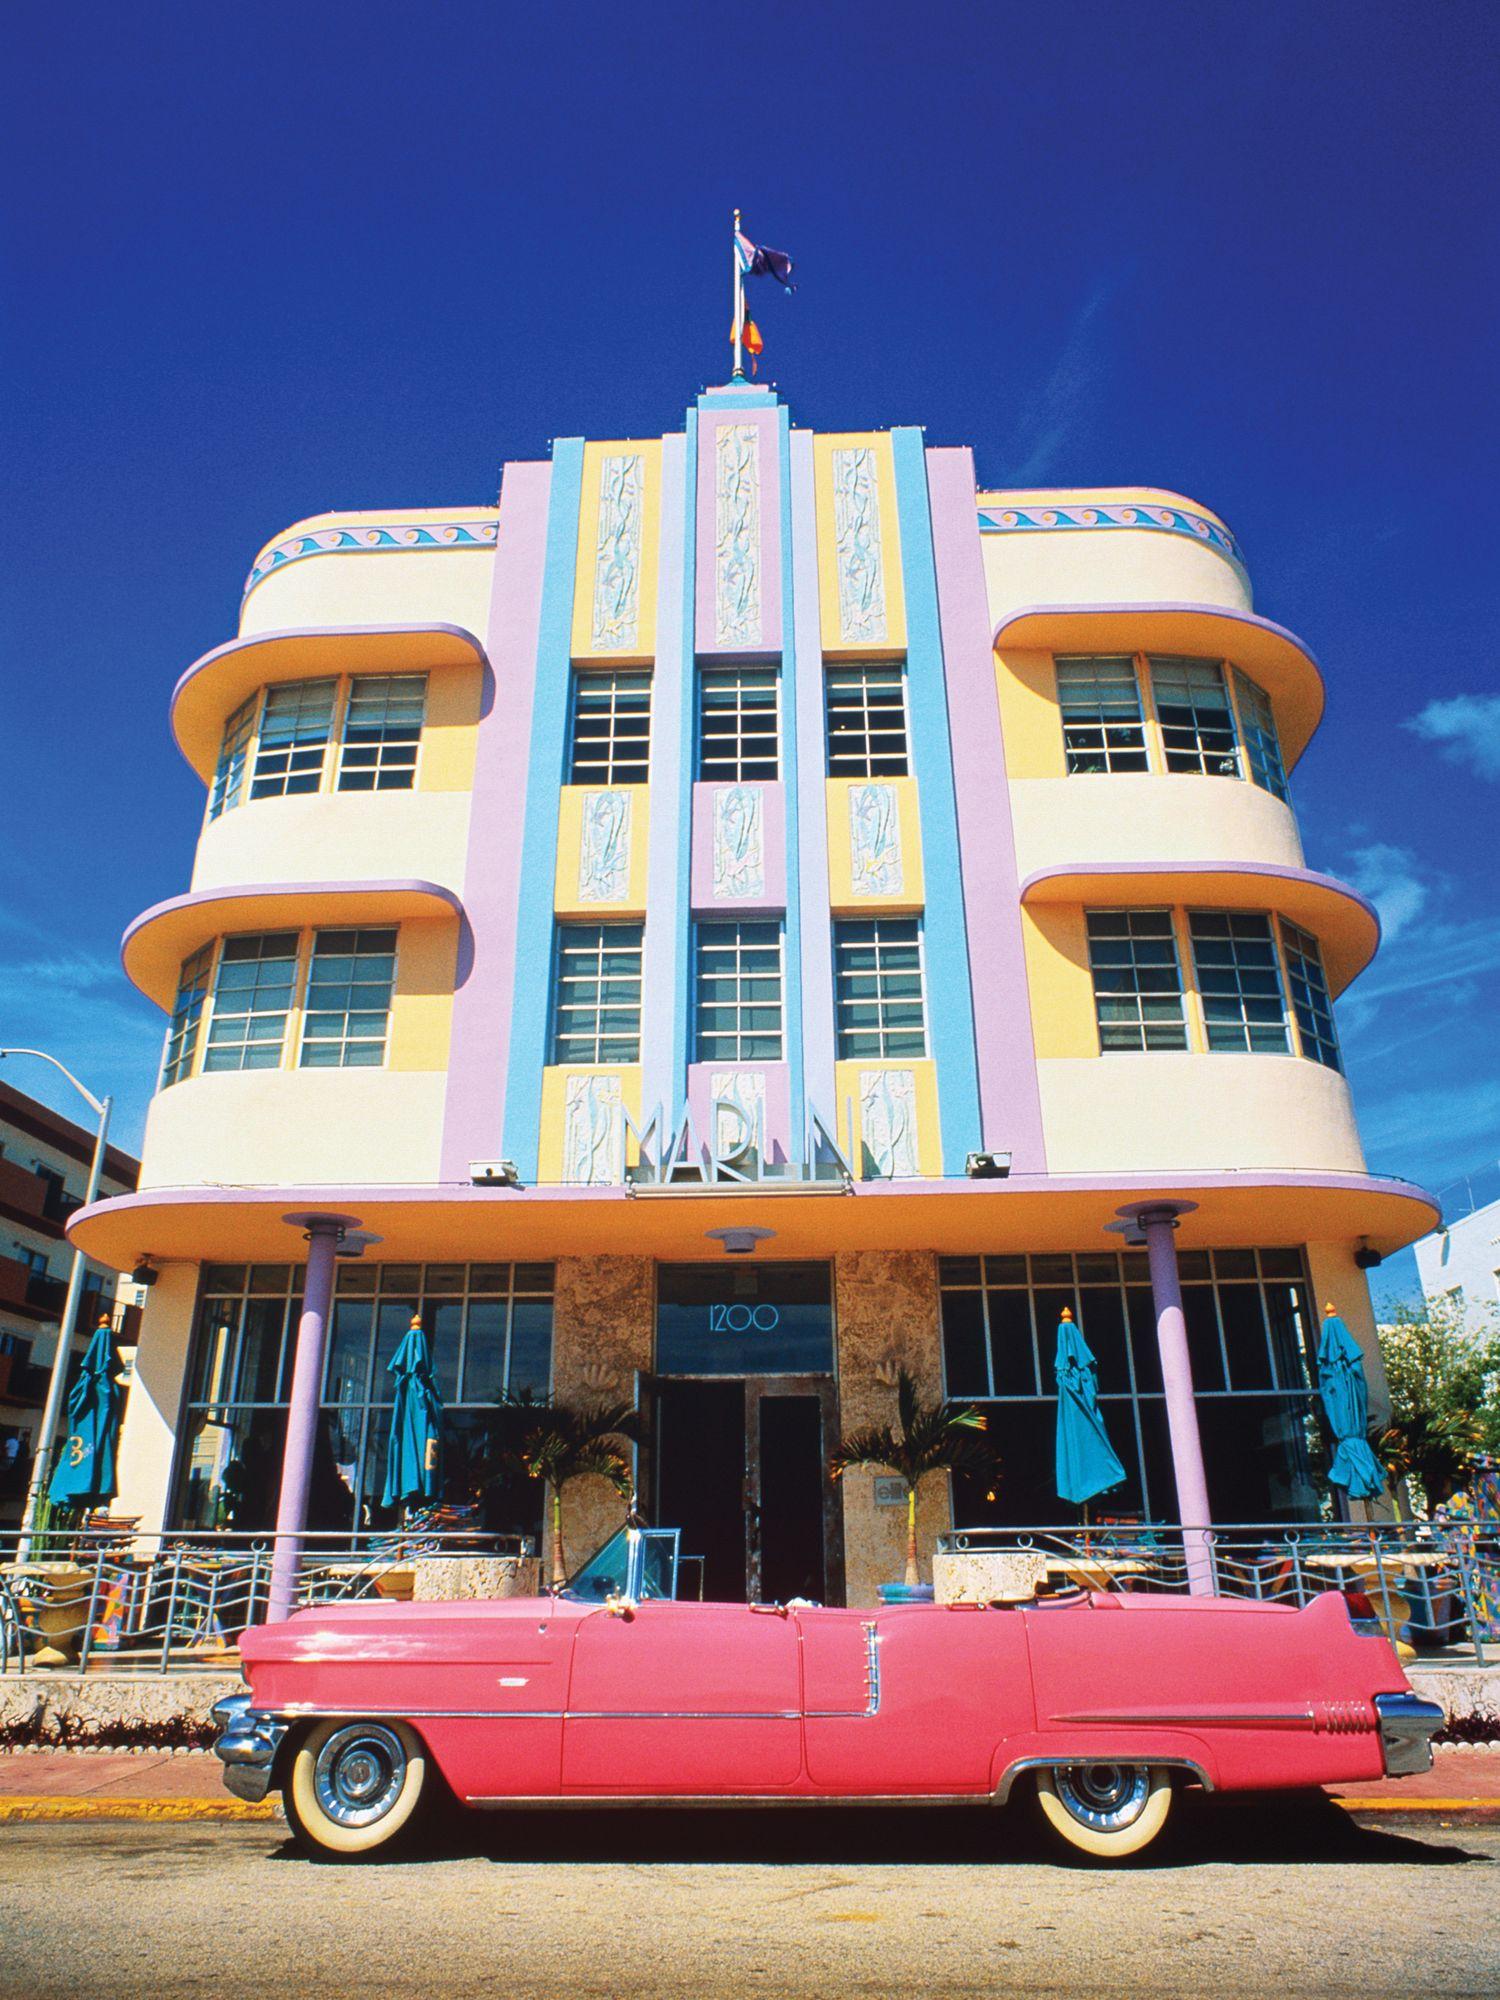 Art Deco District of Miami.